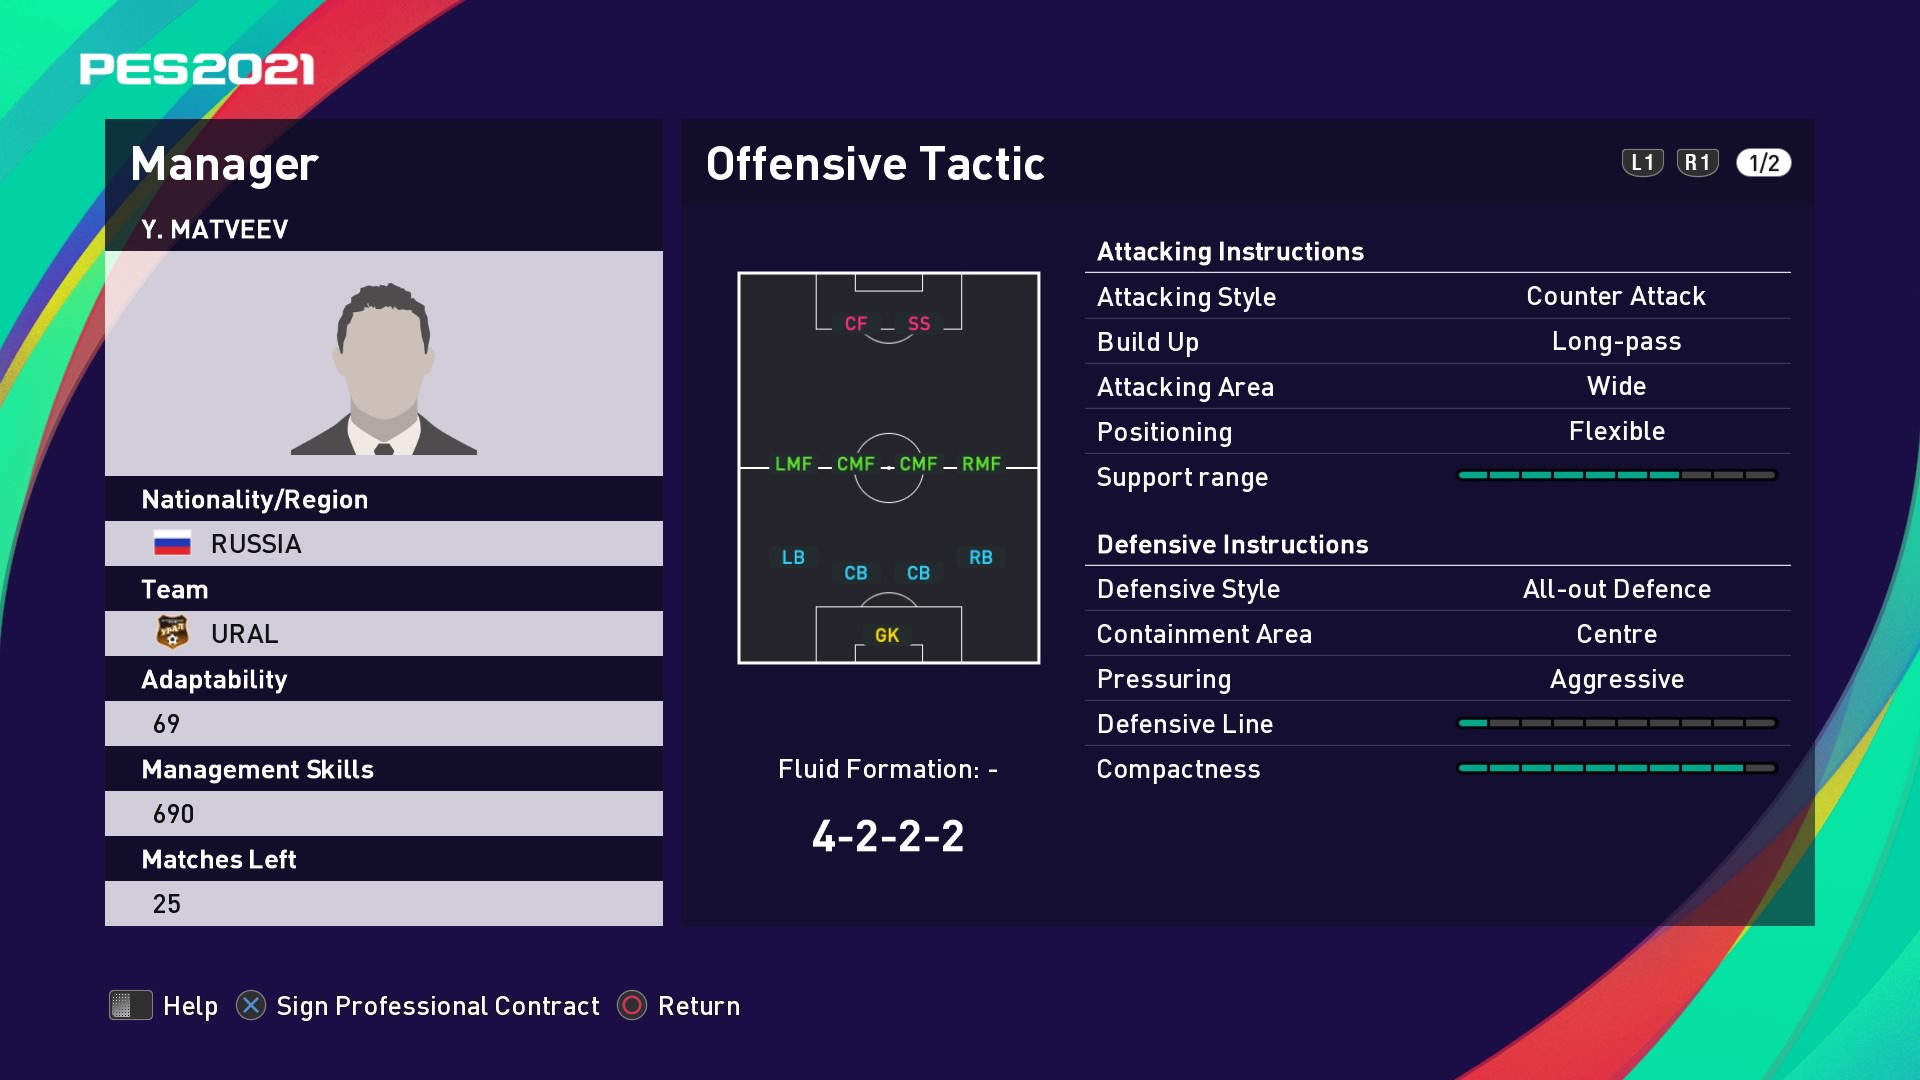 Y. Matveev (Yuri Matveev) Offensive Tactic in PES 2021 myClub